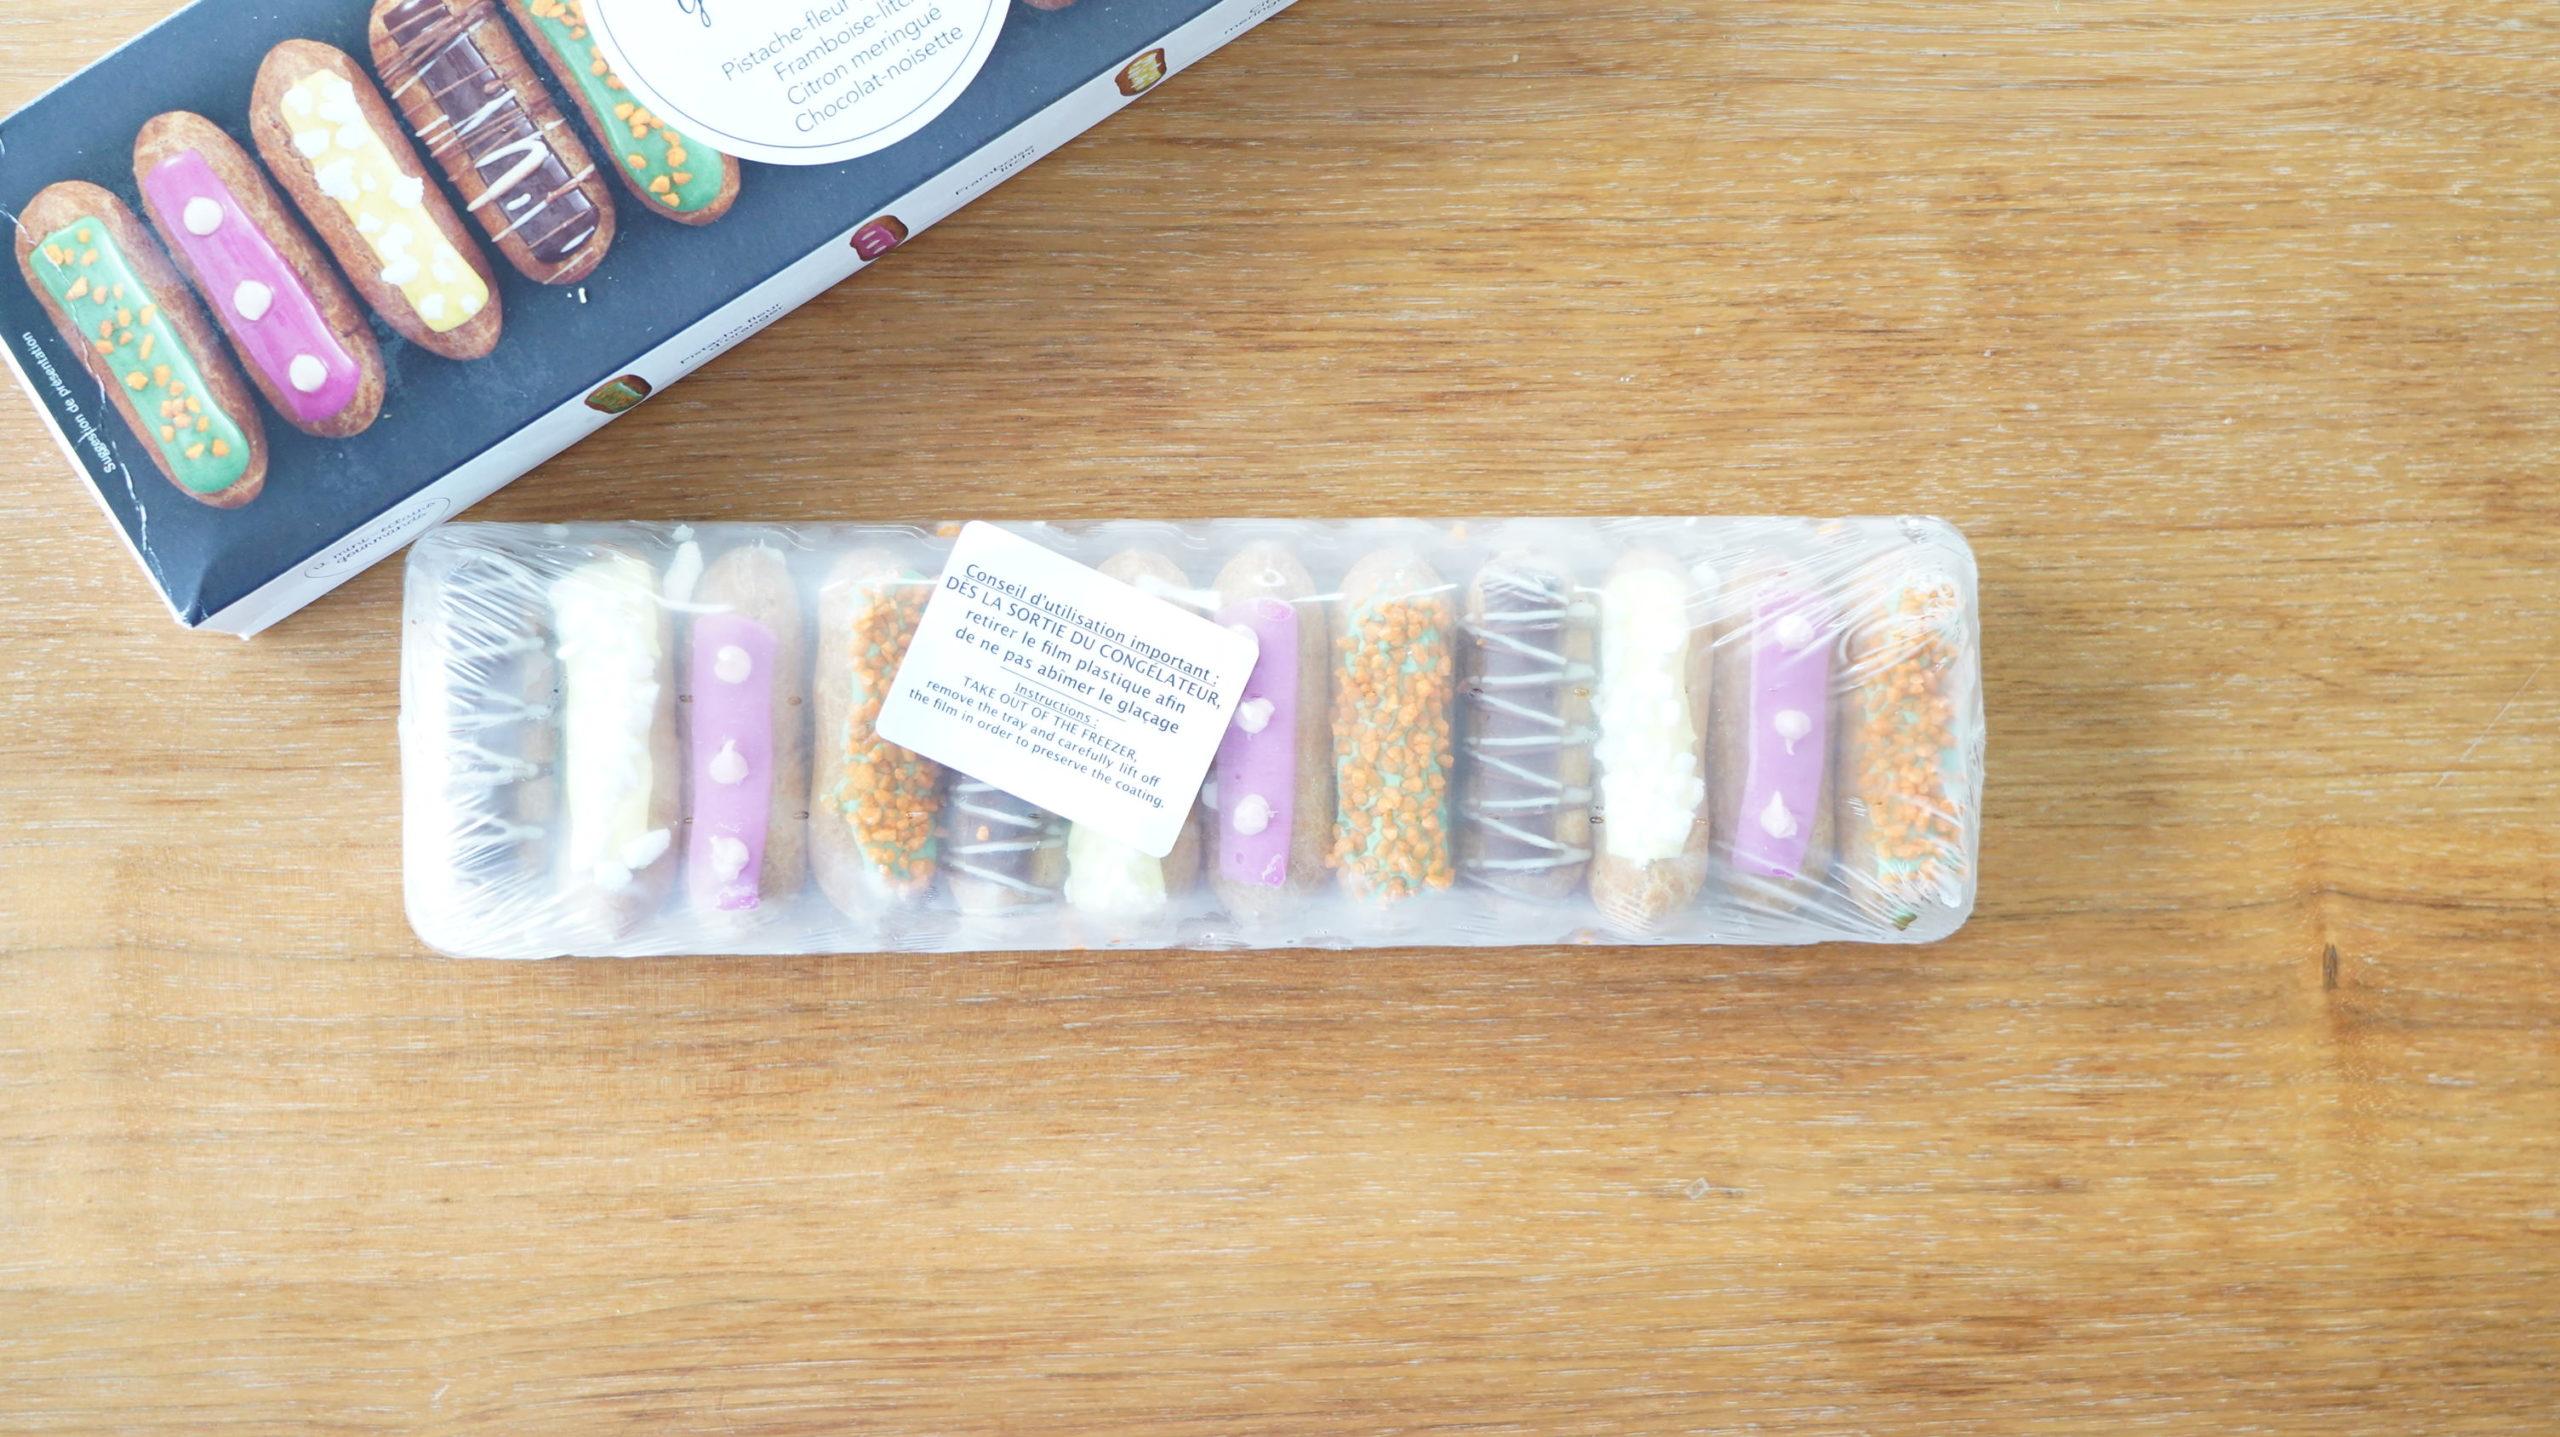 ピカールの冷凍食品「食いしん坊のミニエクレア」に書かれたフランス語のメッセージの写真